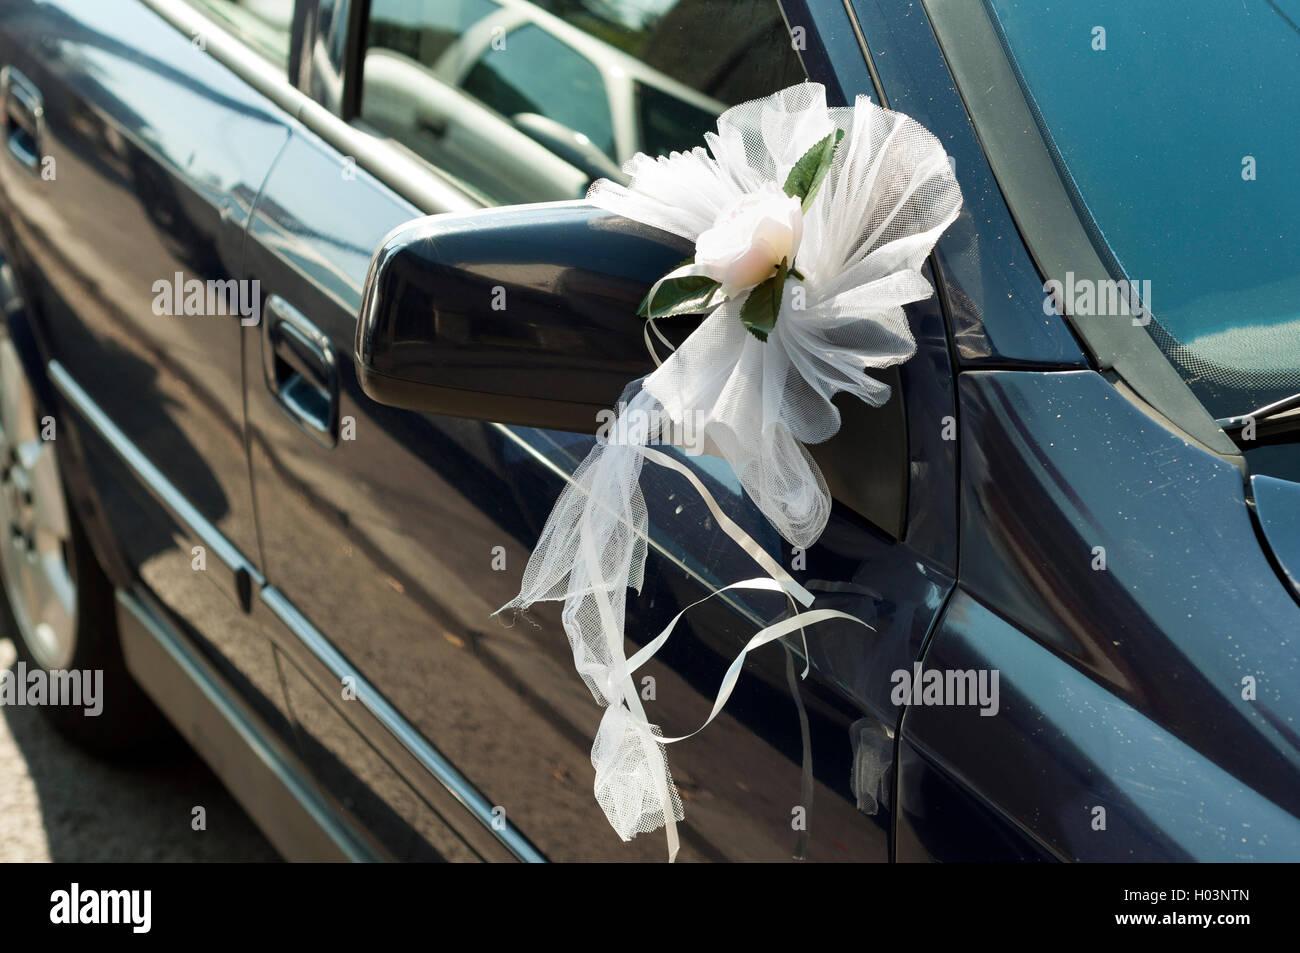 Hochzeitsblumen Auf Einem Autospiegel Stockfoto Bild 120555589 Alamy